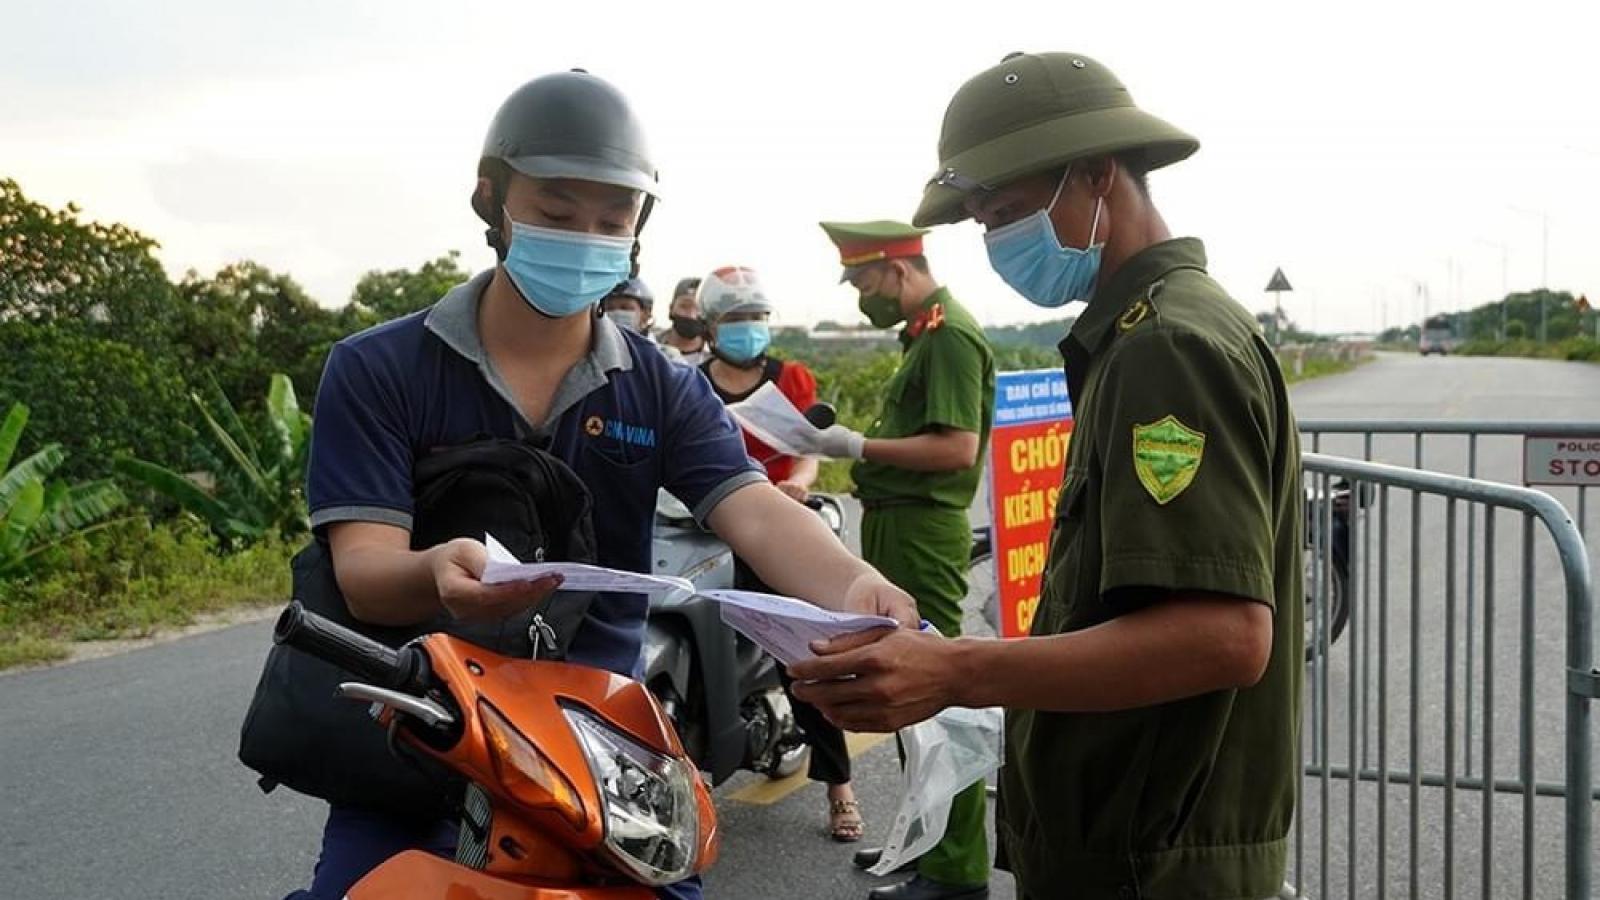 Sau 1 tuần giãn cách xã hội, Hà Nội xử phạt gần 7 tỷ đồng